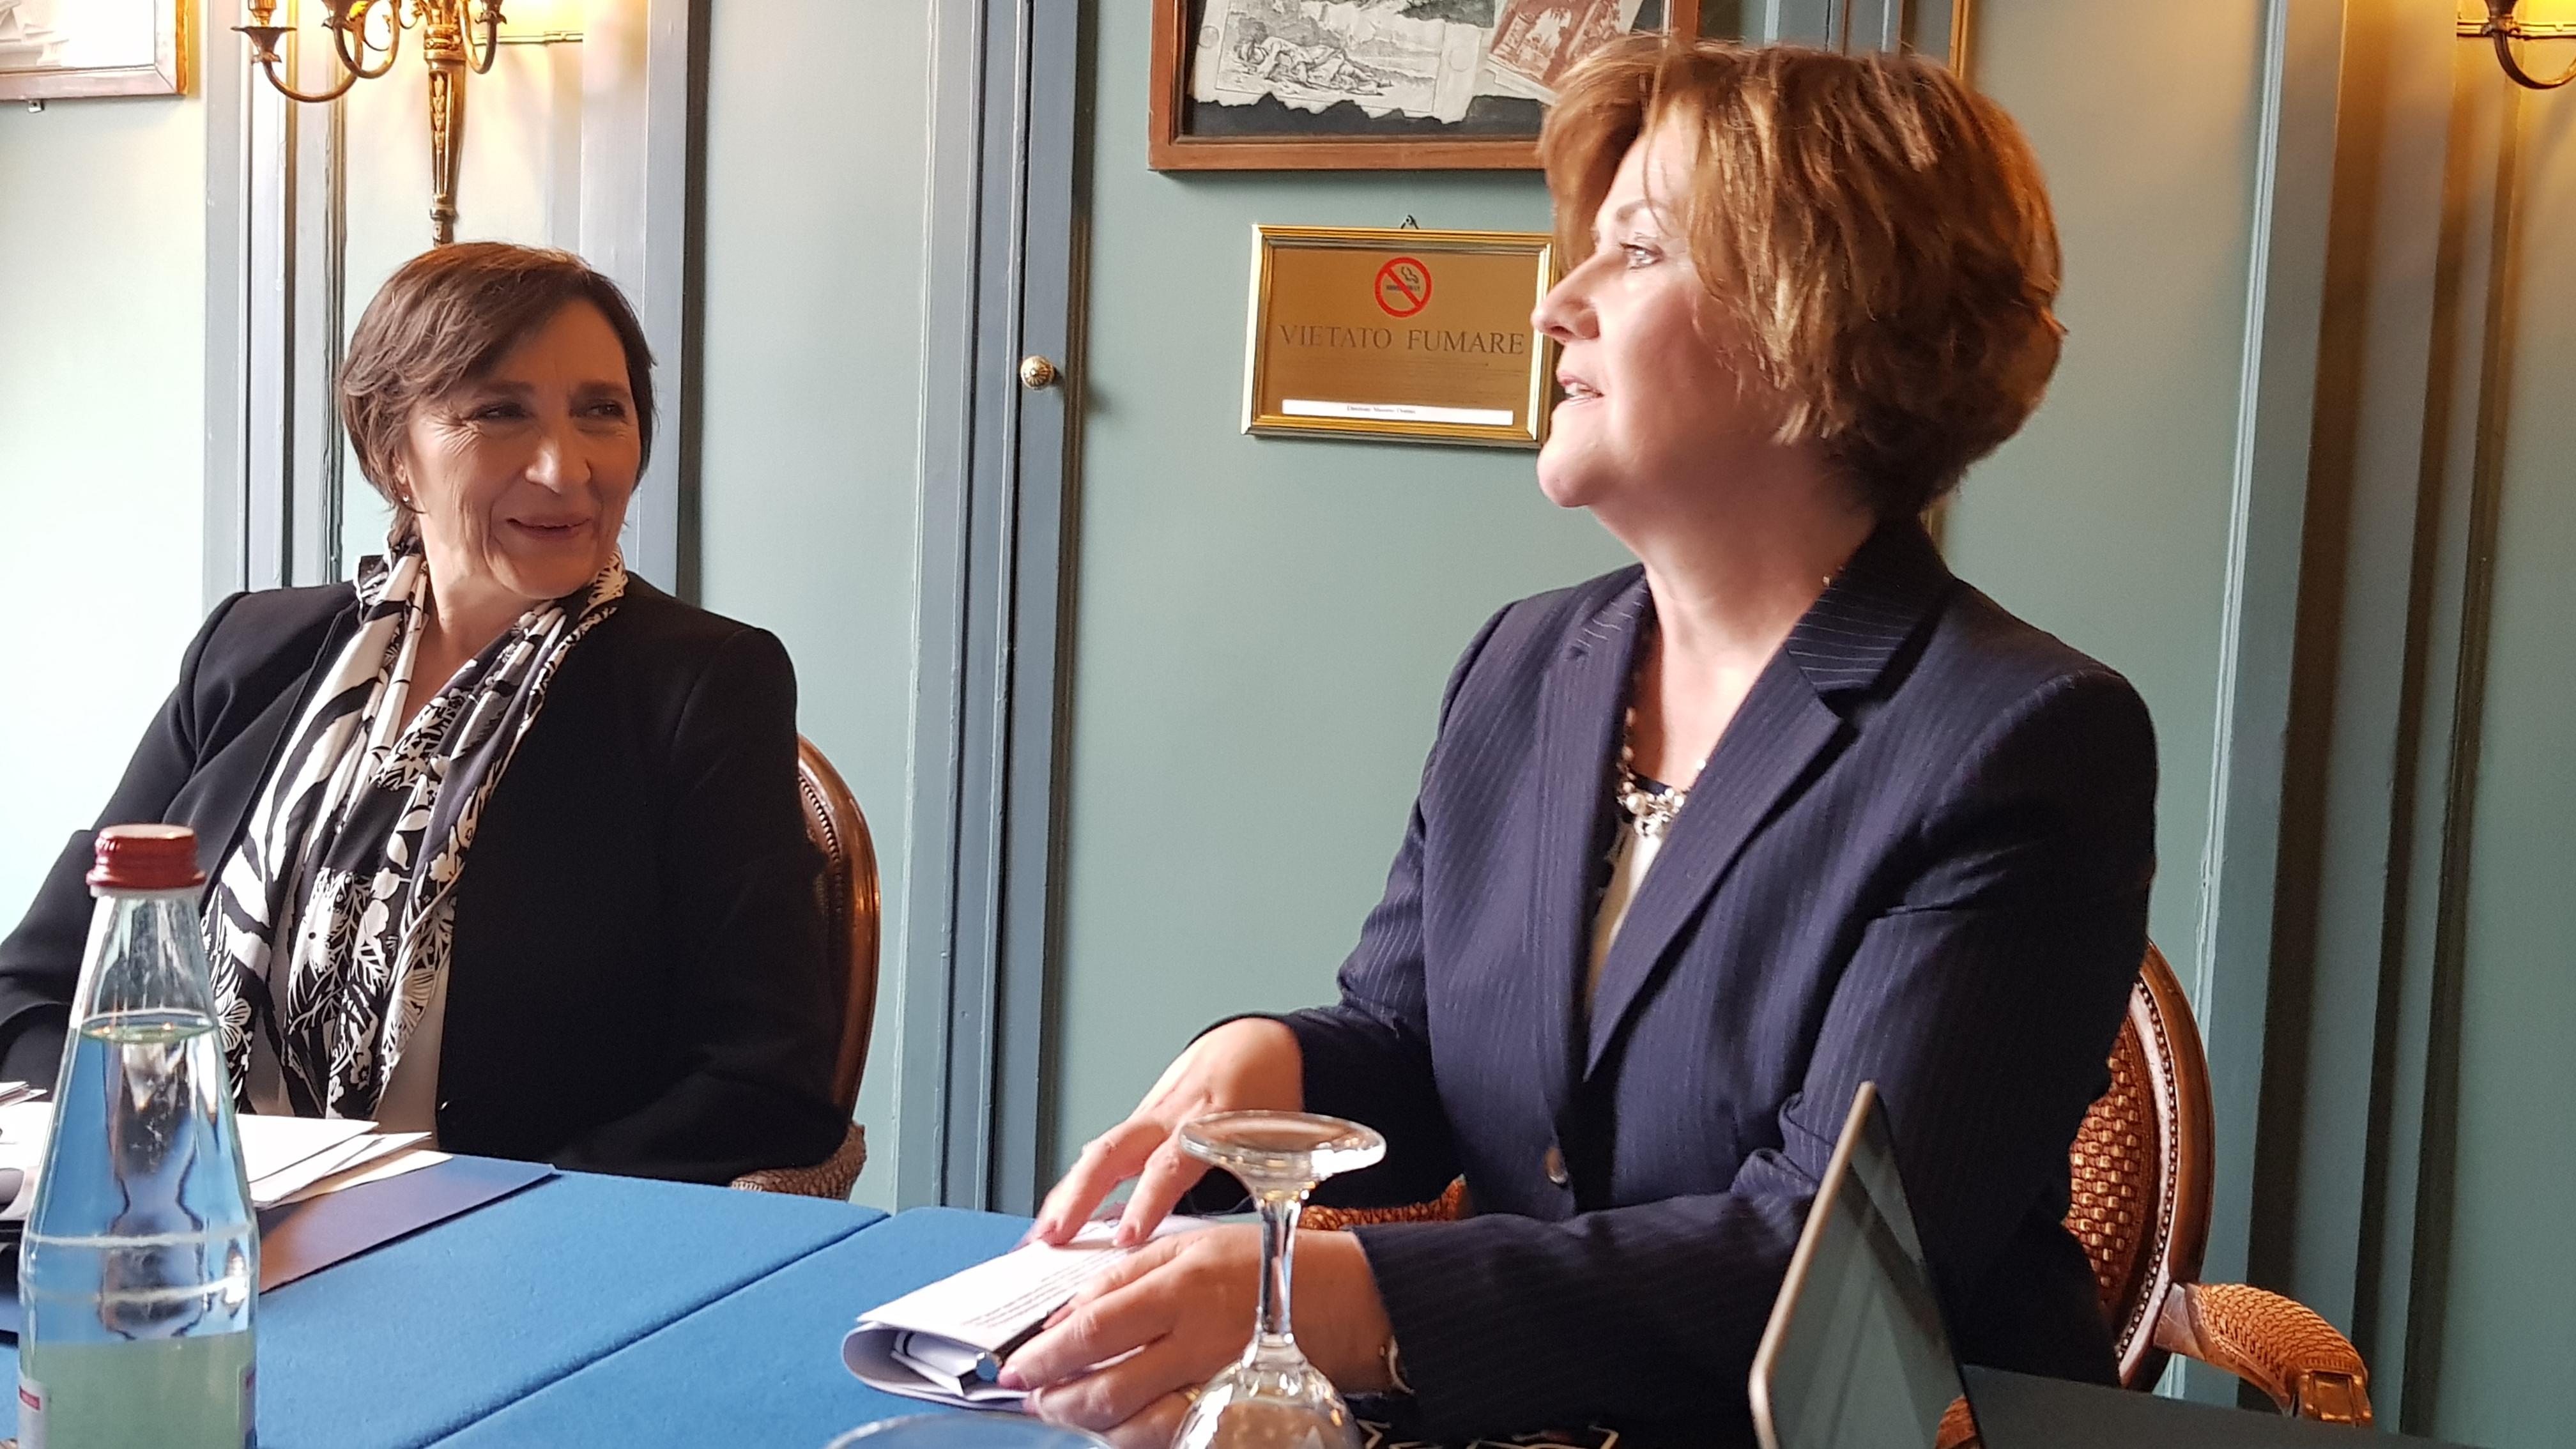 Luisa Arienti, Amministratore Delegato di SAP Italia e Adaire Fox-Martin, executive board member di SAP South Europe